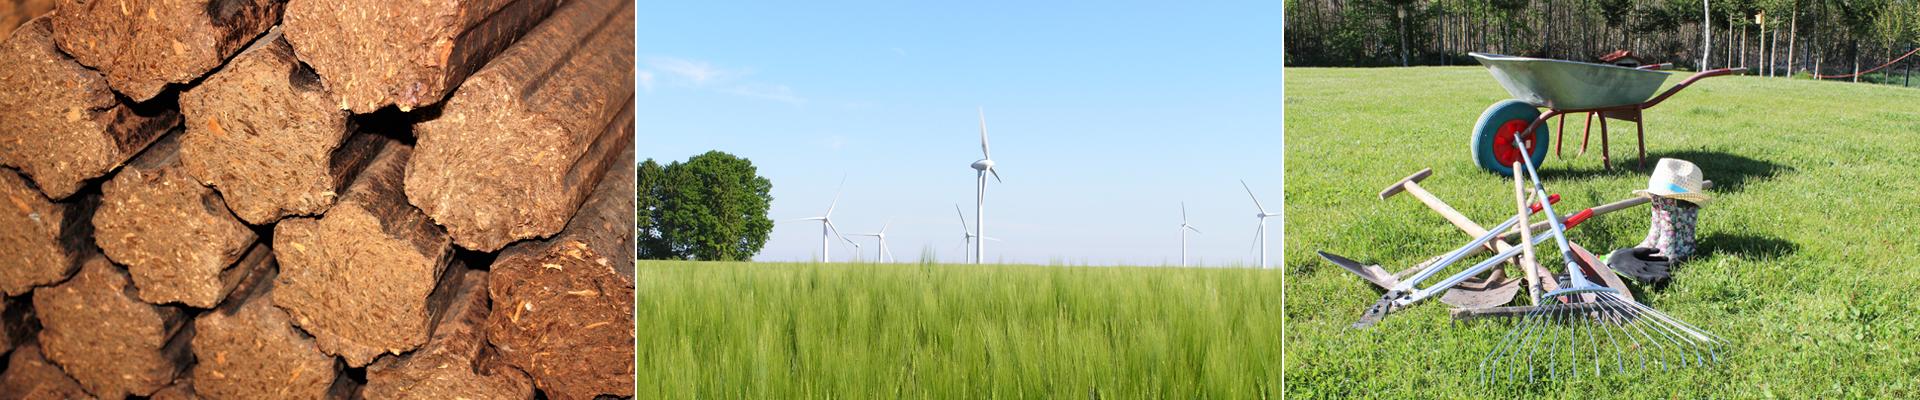 Agrophotovoltaik – Photovoltaik und Landwirtschaft vereinen